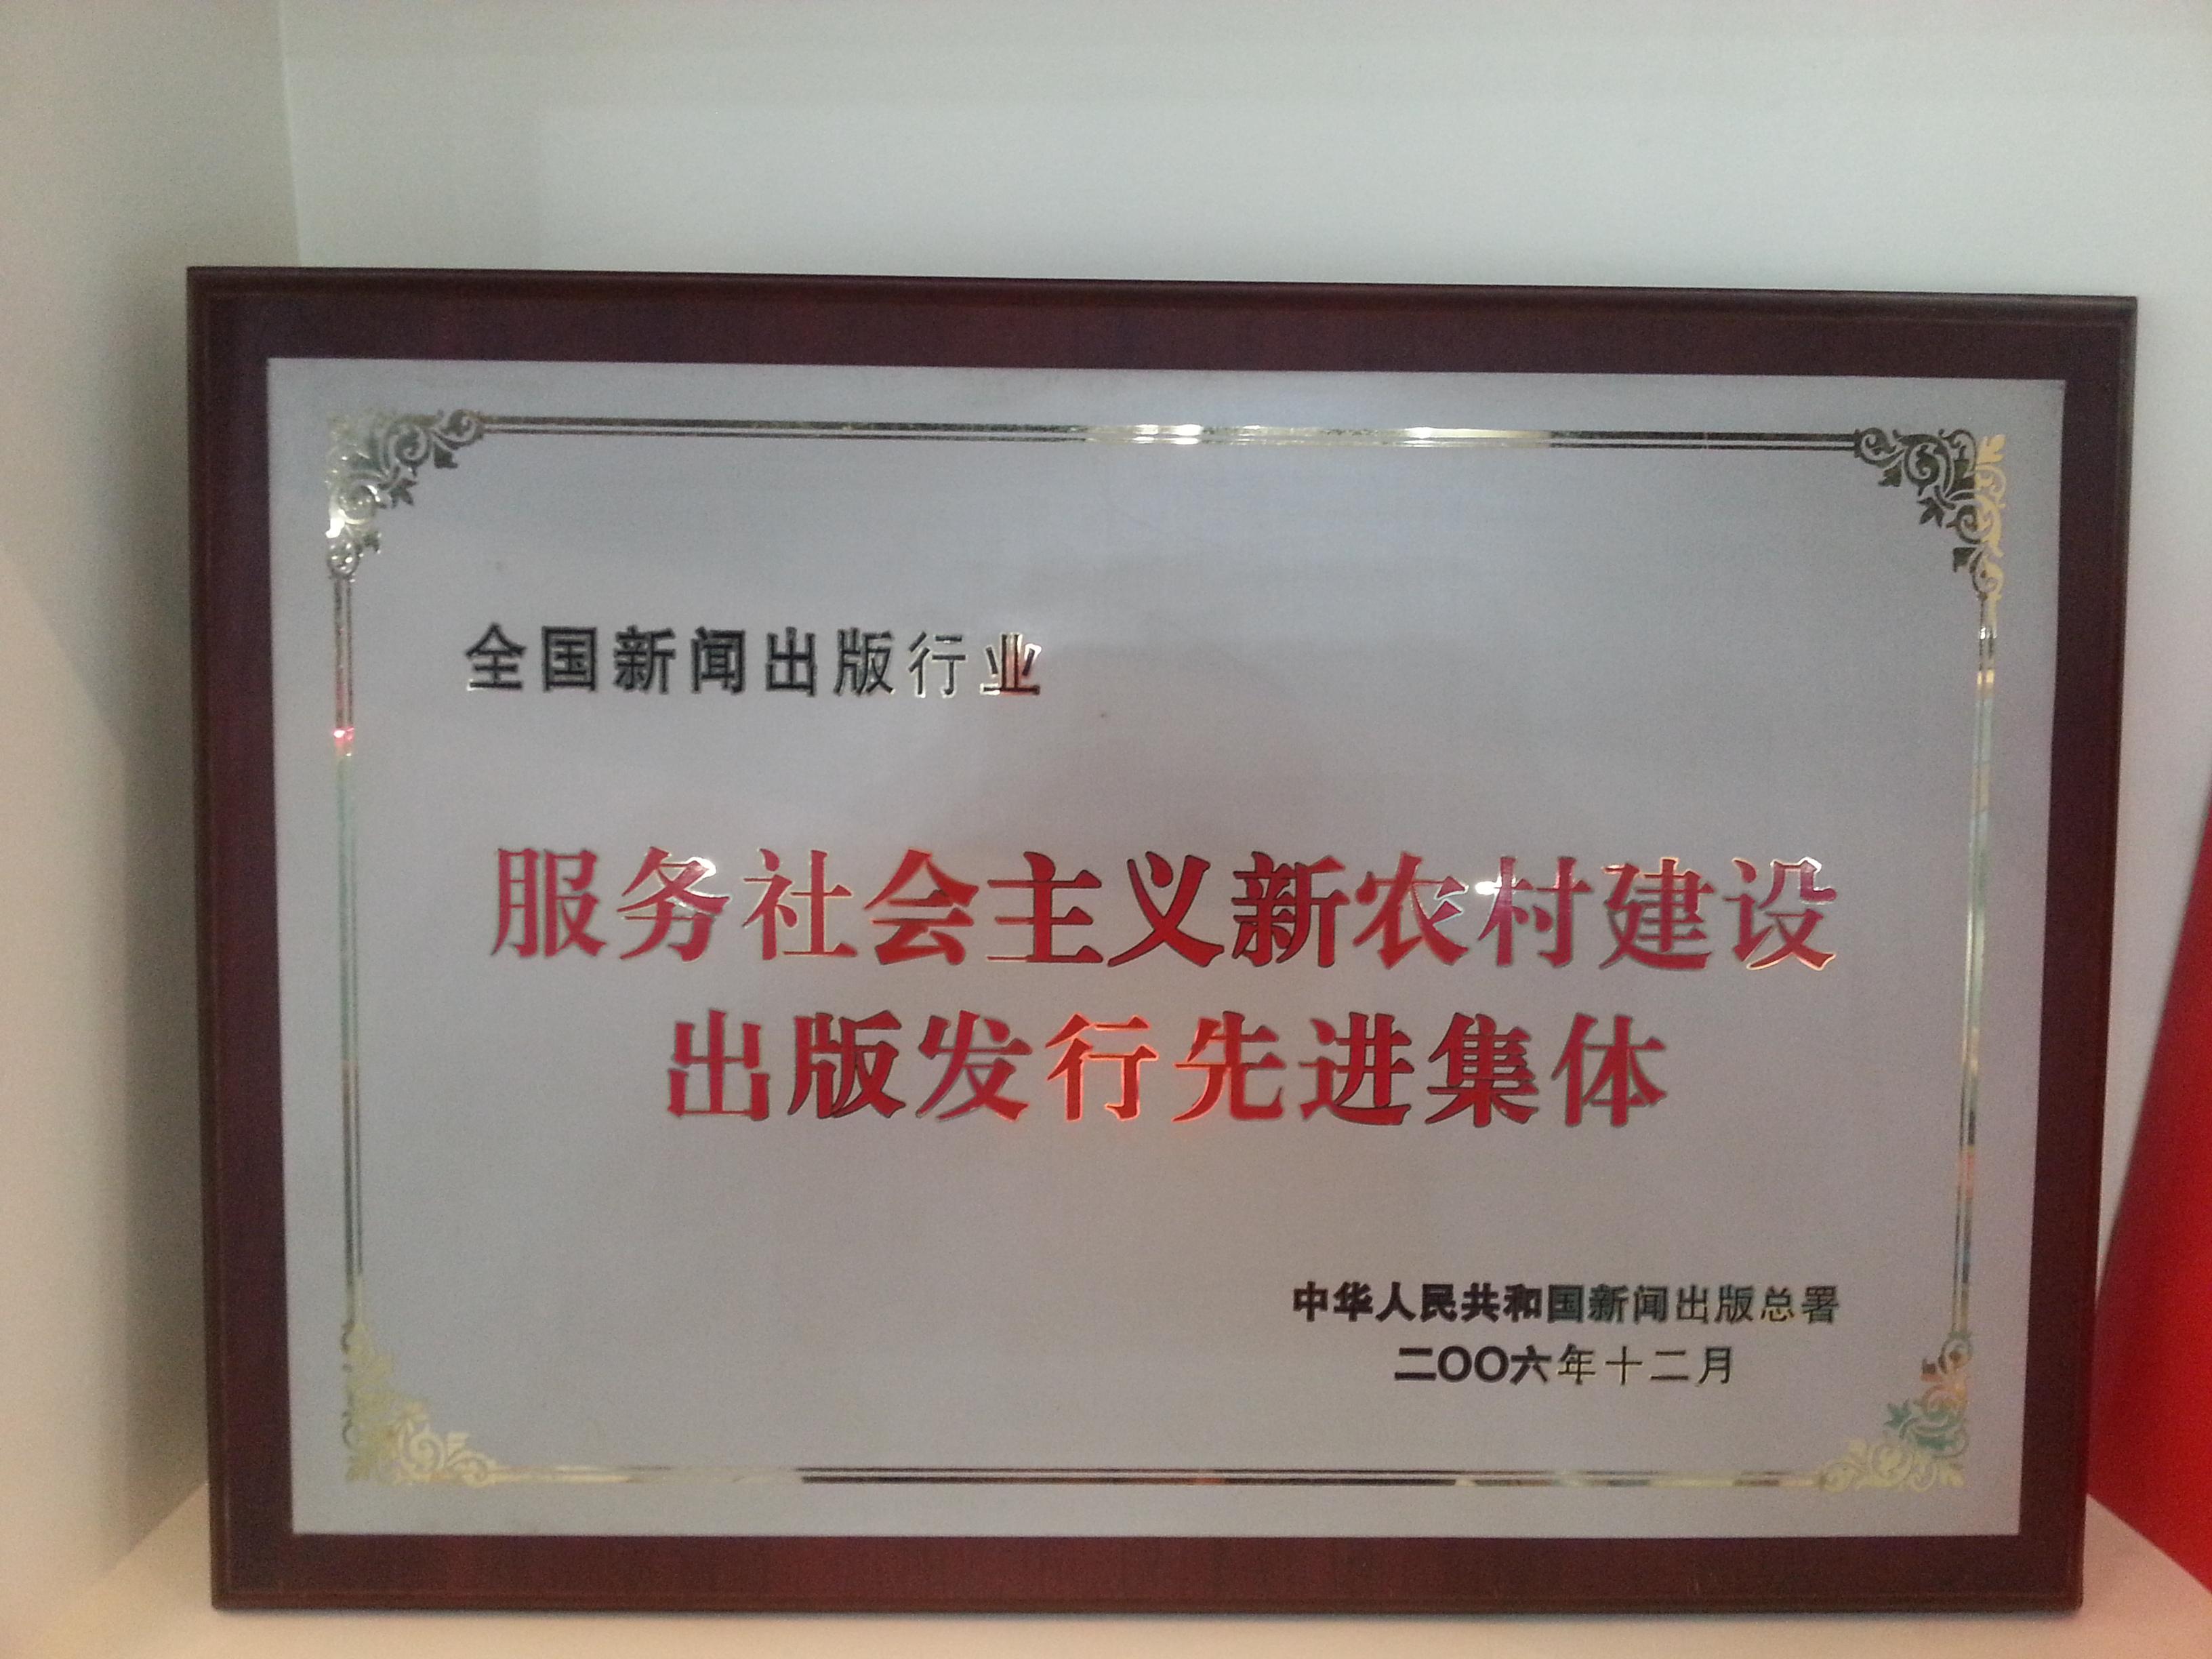 服务社会主义新农村建设出版发行先进集体